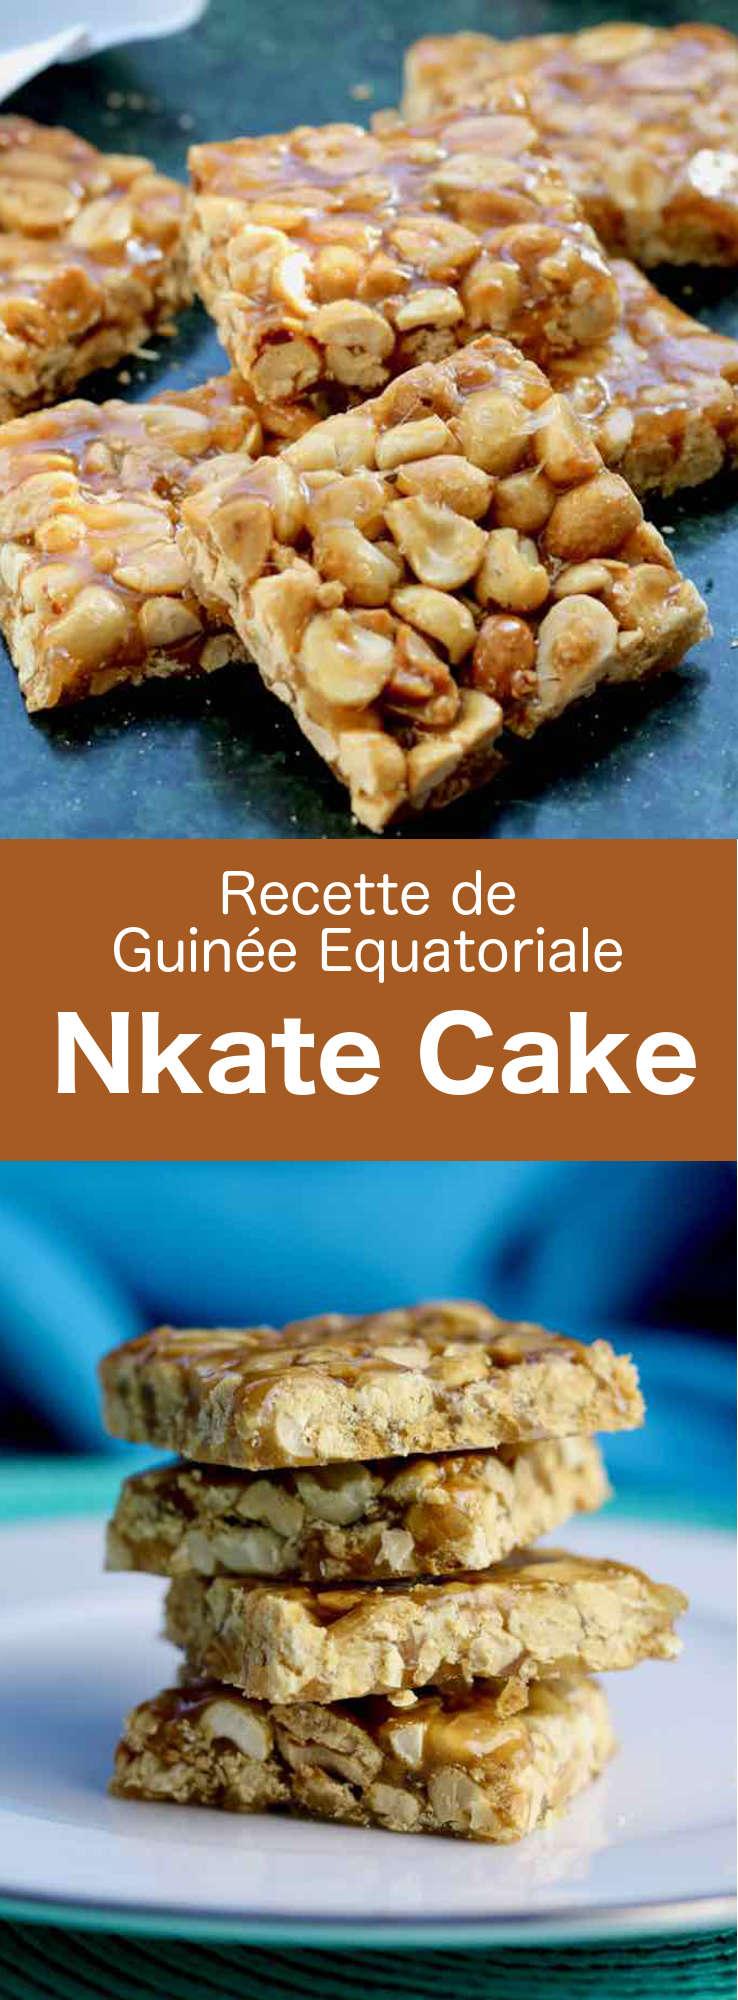 Le nkate cake (ou kongodo) est un nougat croquant à base d'arachides, populaire en Guinée équatoriale et au Ghana. #GuinéeEquatoriale #CuisineAfricaine #RecetteAfricaine #CuisineDuMonde #196flavors